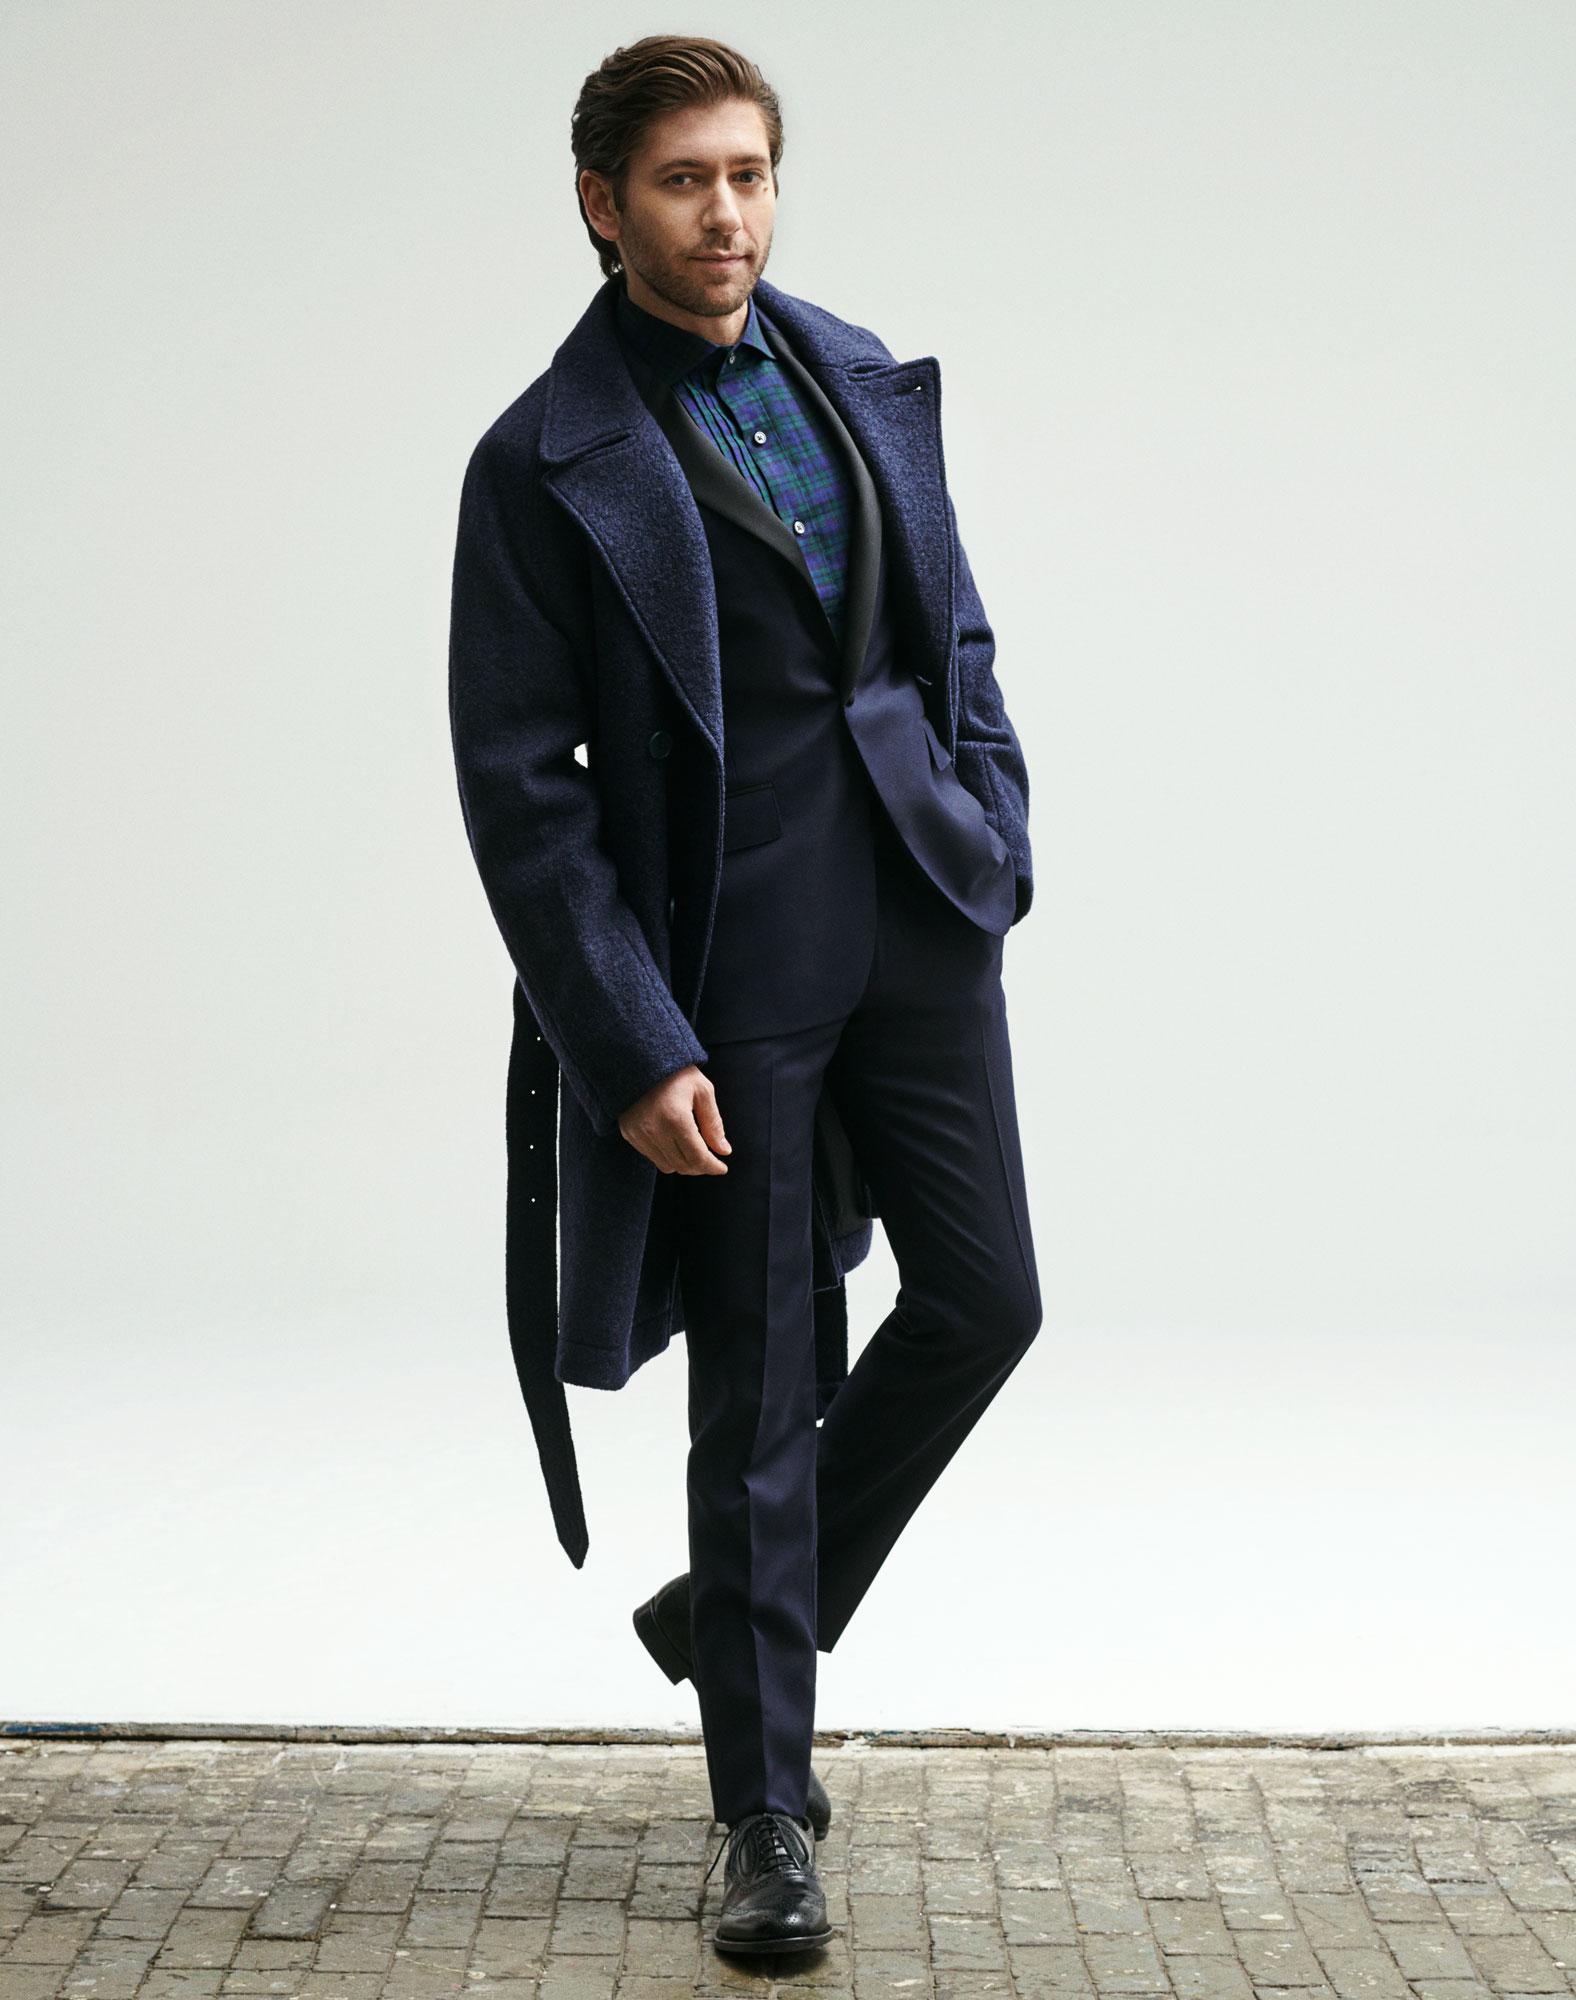 Michael wears the    Italian Topcoat (Navy Boucle)   , the    Tuxedo Shirt (Navy Holwick Blackwatch)   , and the    Capstone Italian Wool Tuxedo (Navy Hopsack)